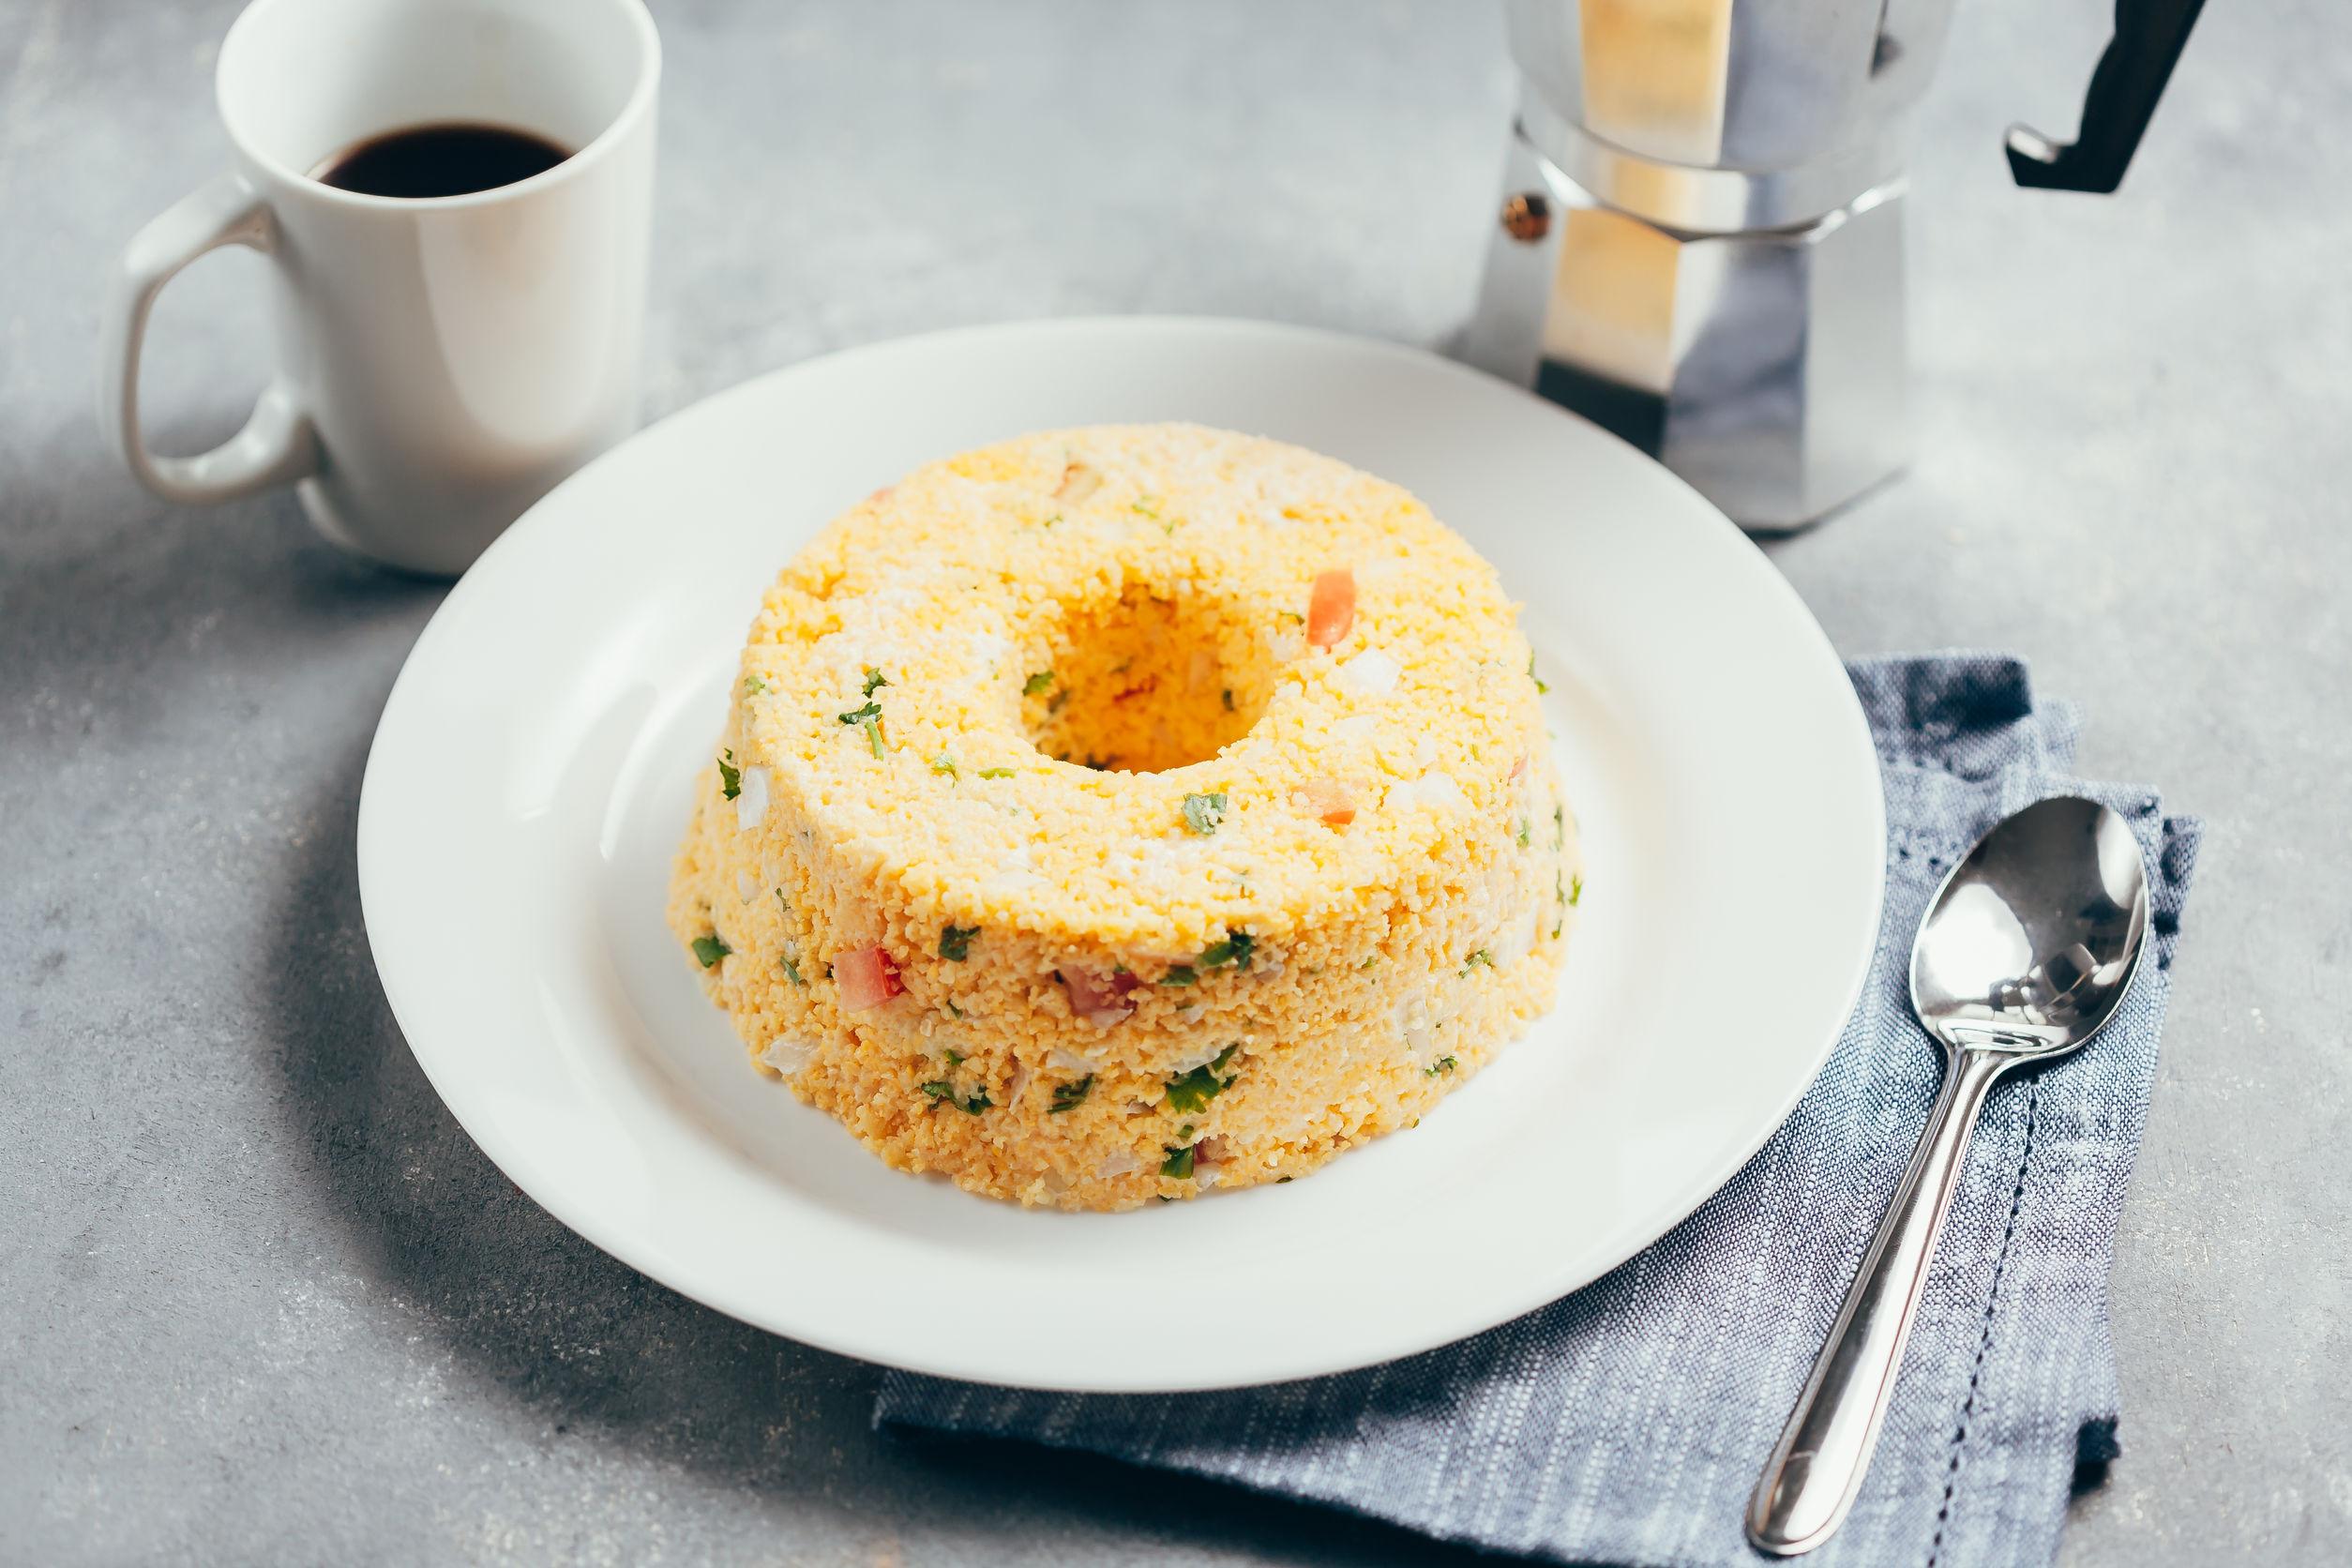 Cuscuz paulista servido em prato ao lado de adornos e bule de café